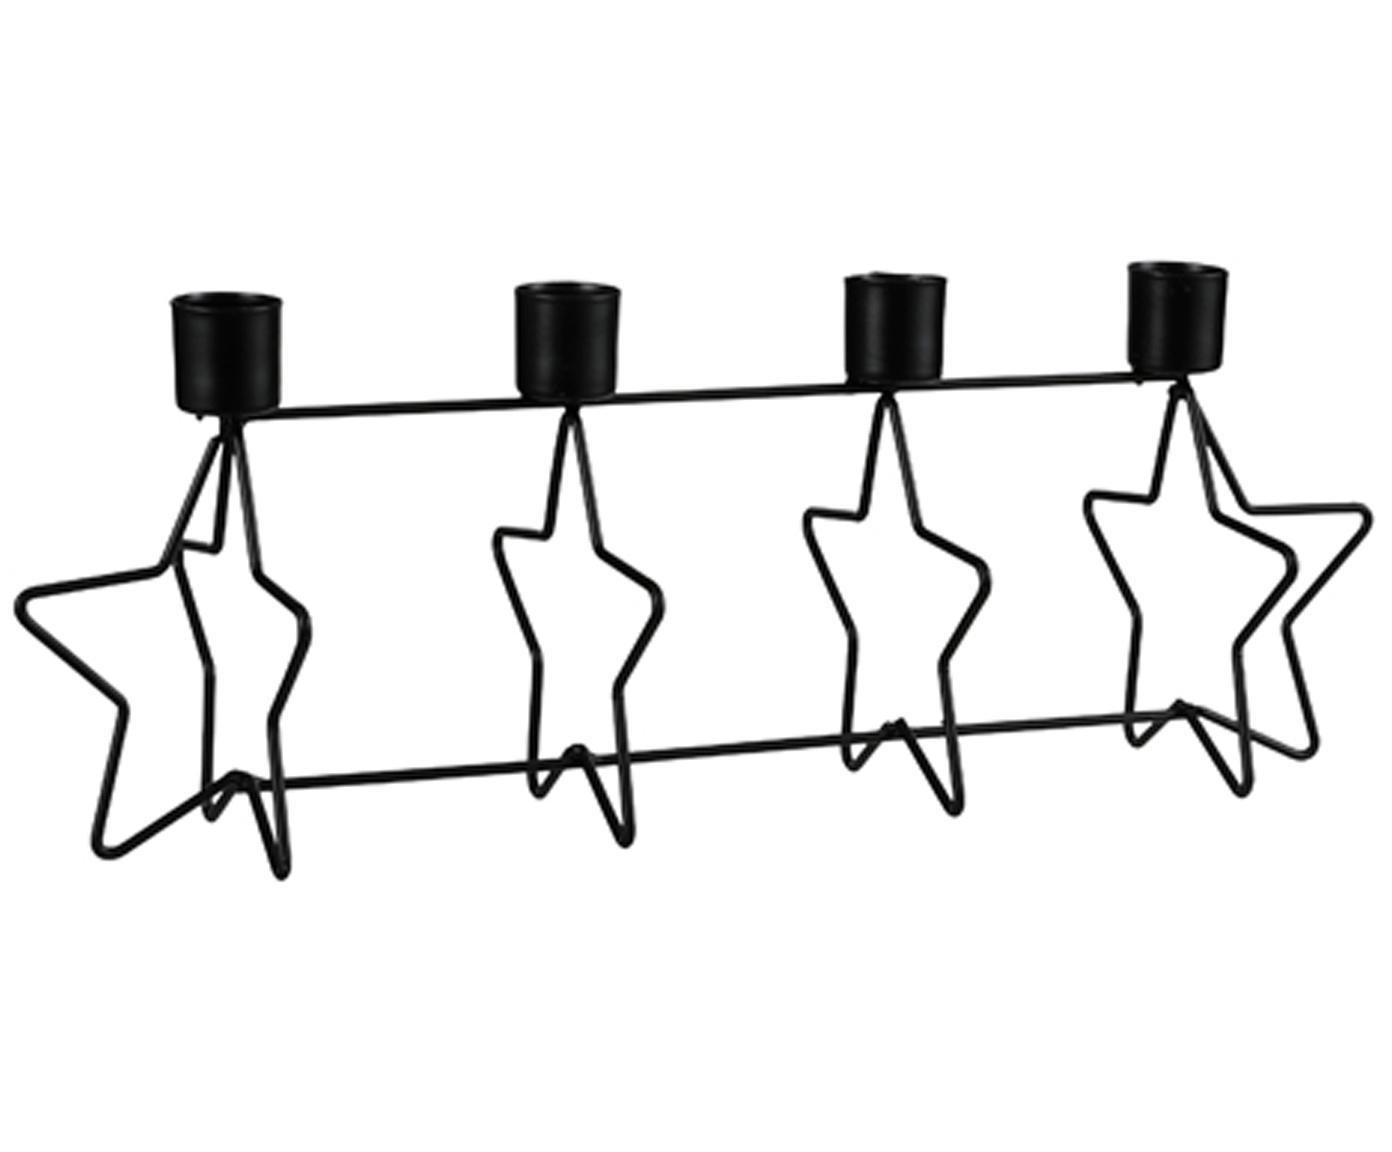 Candelabro in metallo con stelle Stars, Metallo rivestito, Nero, Larg. 34 x Alt. 13 cm